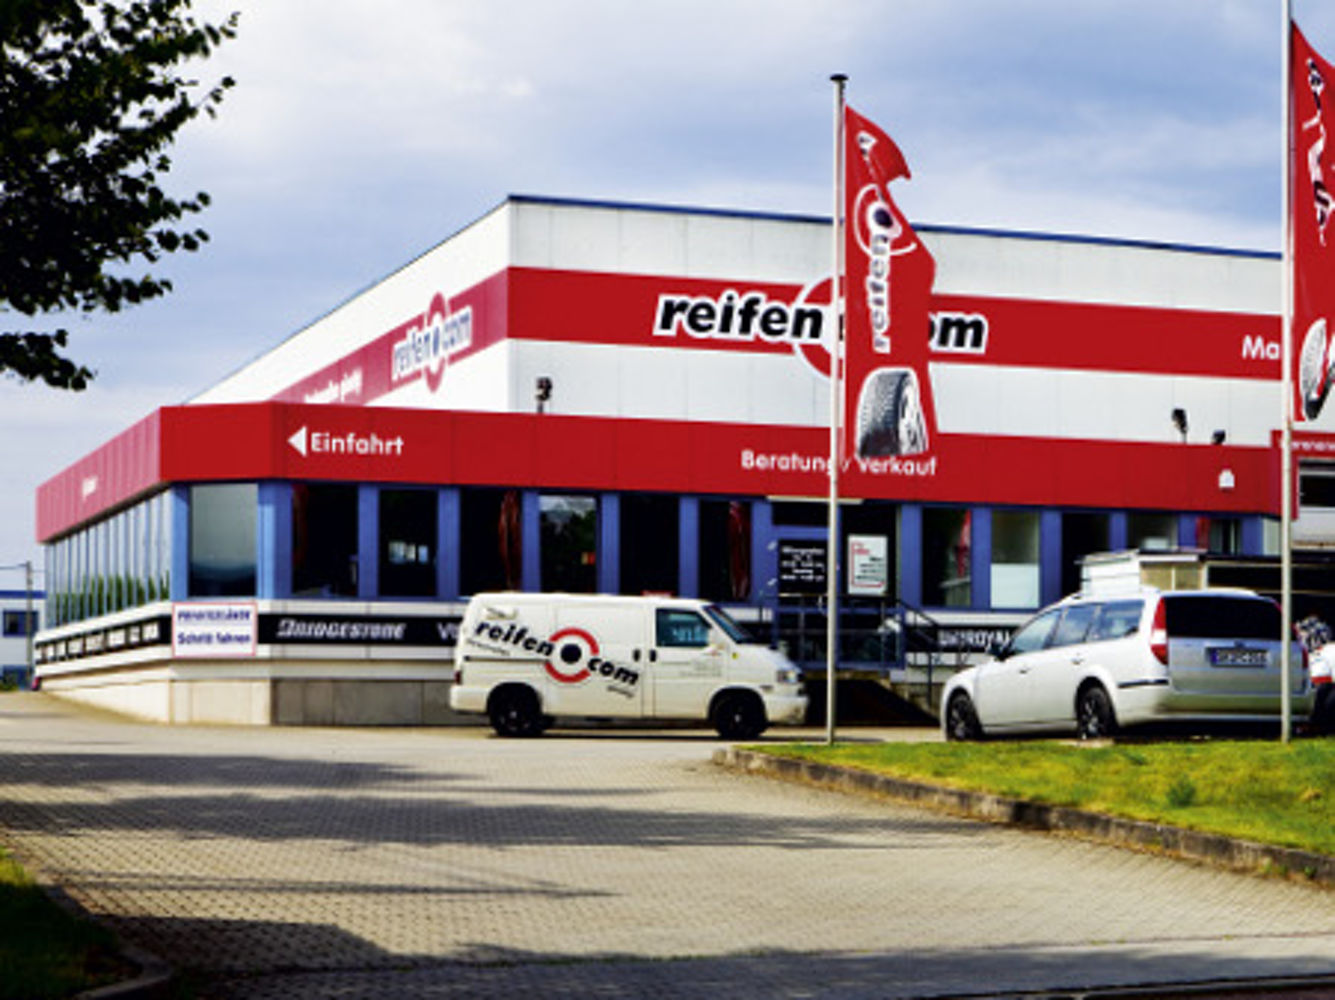 Driveway reifen.com-store in Schkeuditz